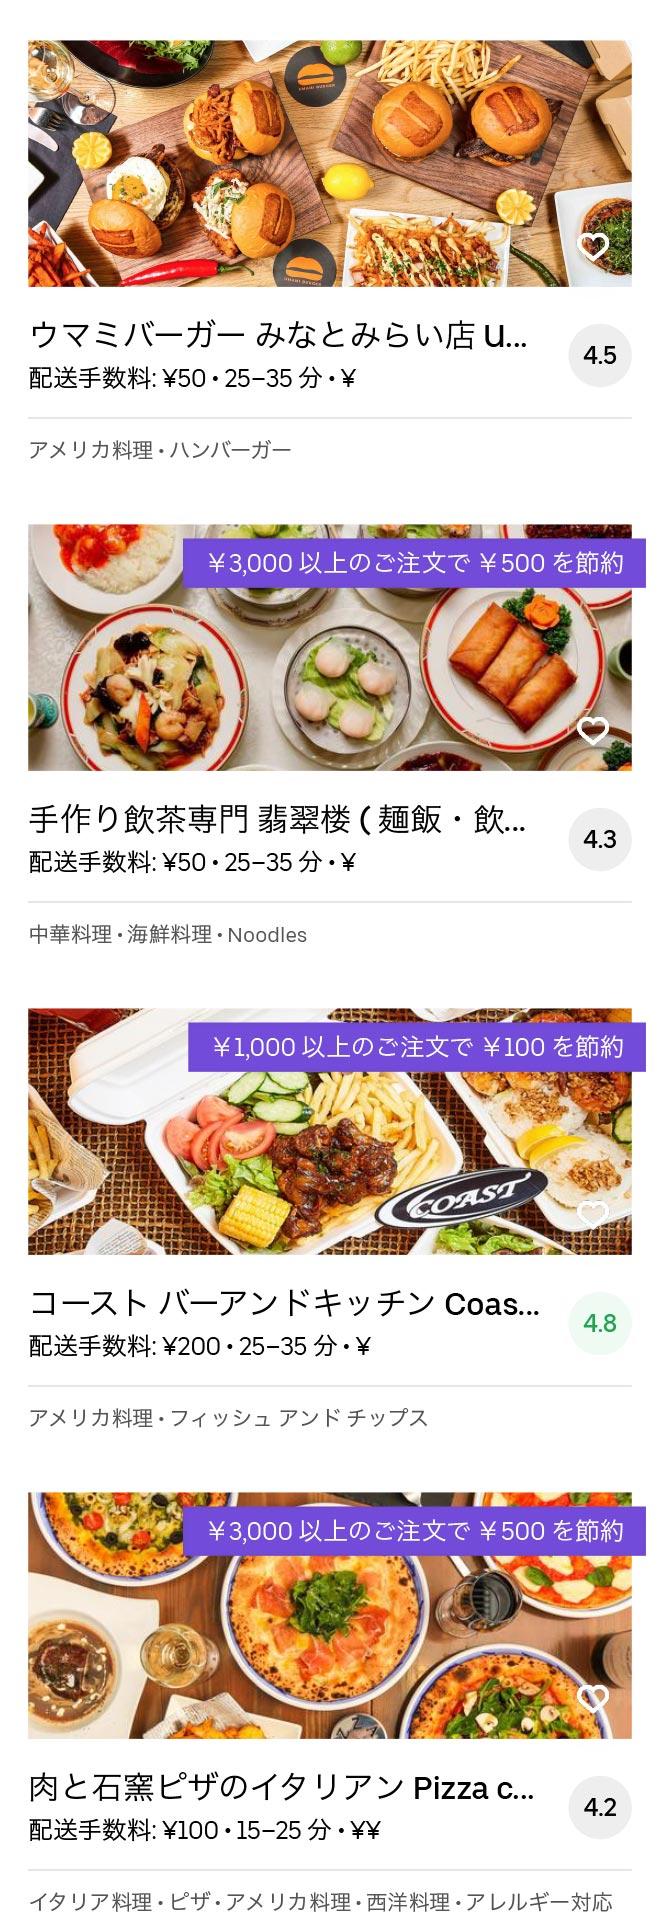 Yokohama ishikawacho menu 2004 09